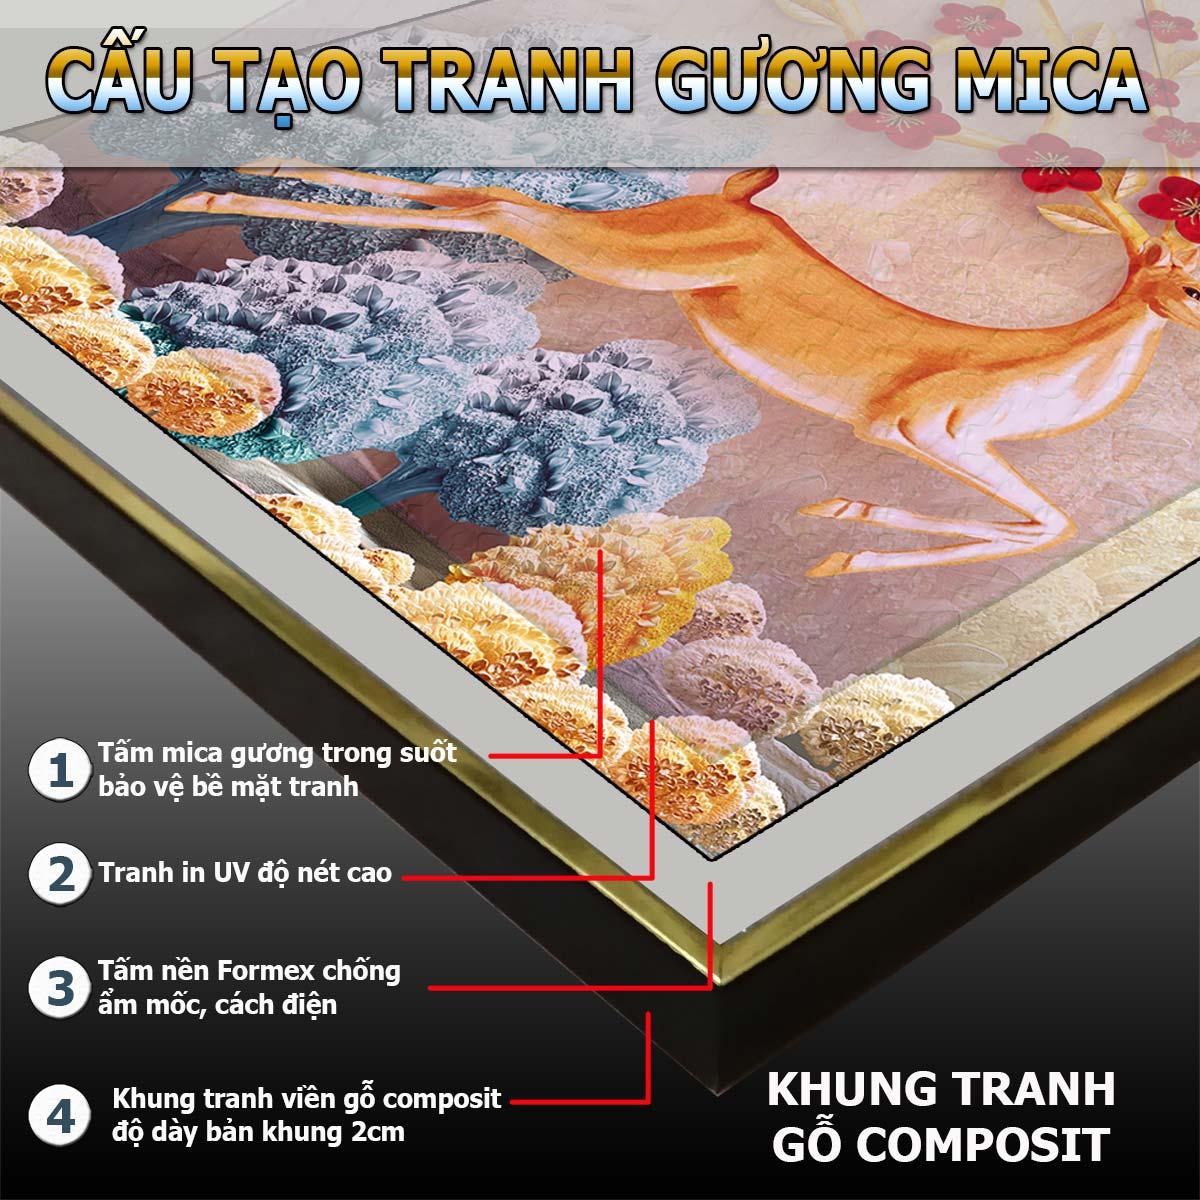 Bộ tranh gương 3 bức. Chất liệu bề mặt gồm 2 lựa chọn PVC hoặc mica trong suốt, 2 lựa chọn viền khung ms: 23128911L1